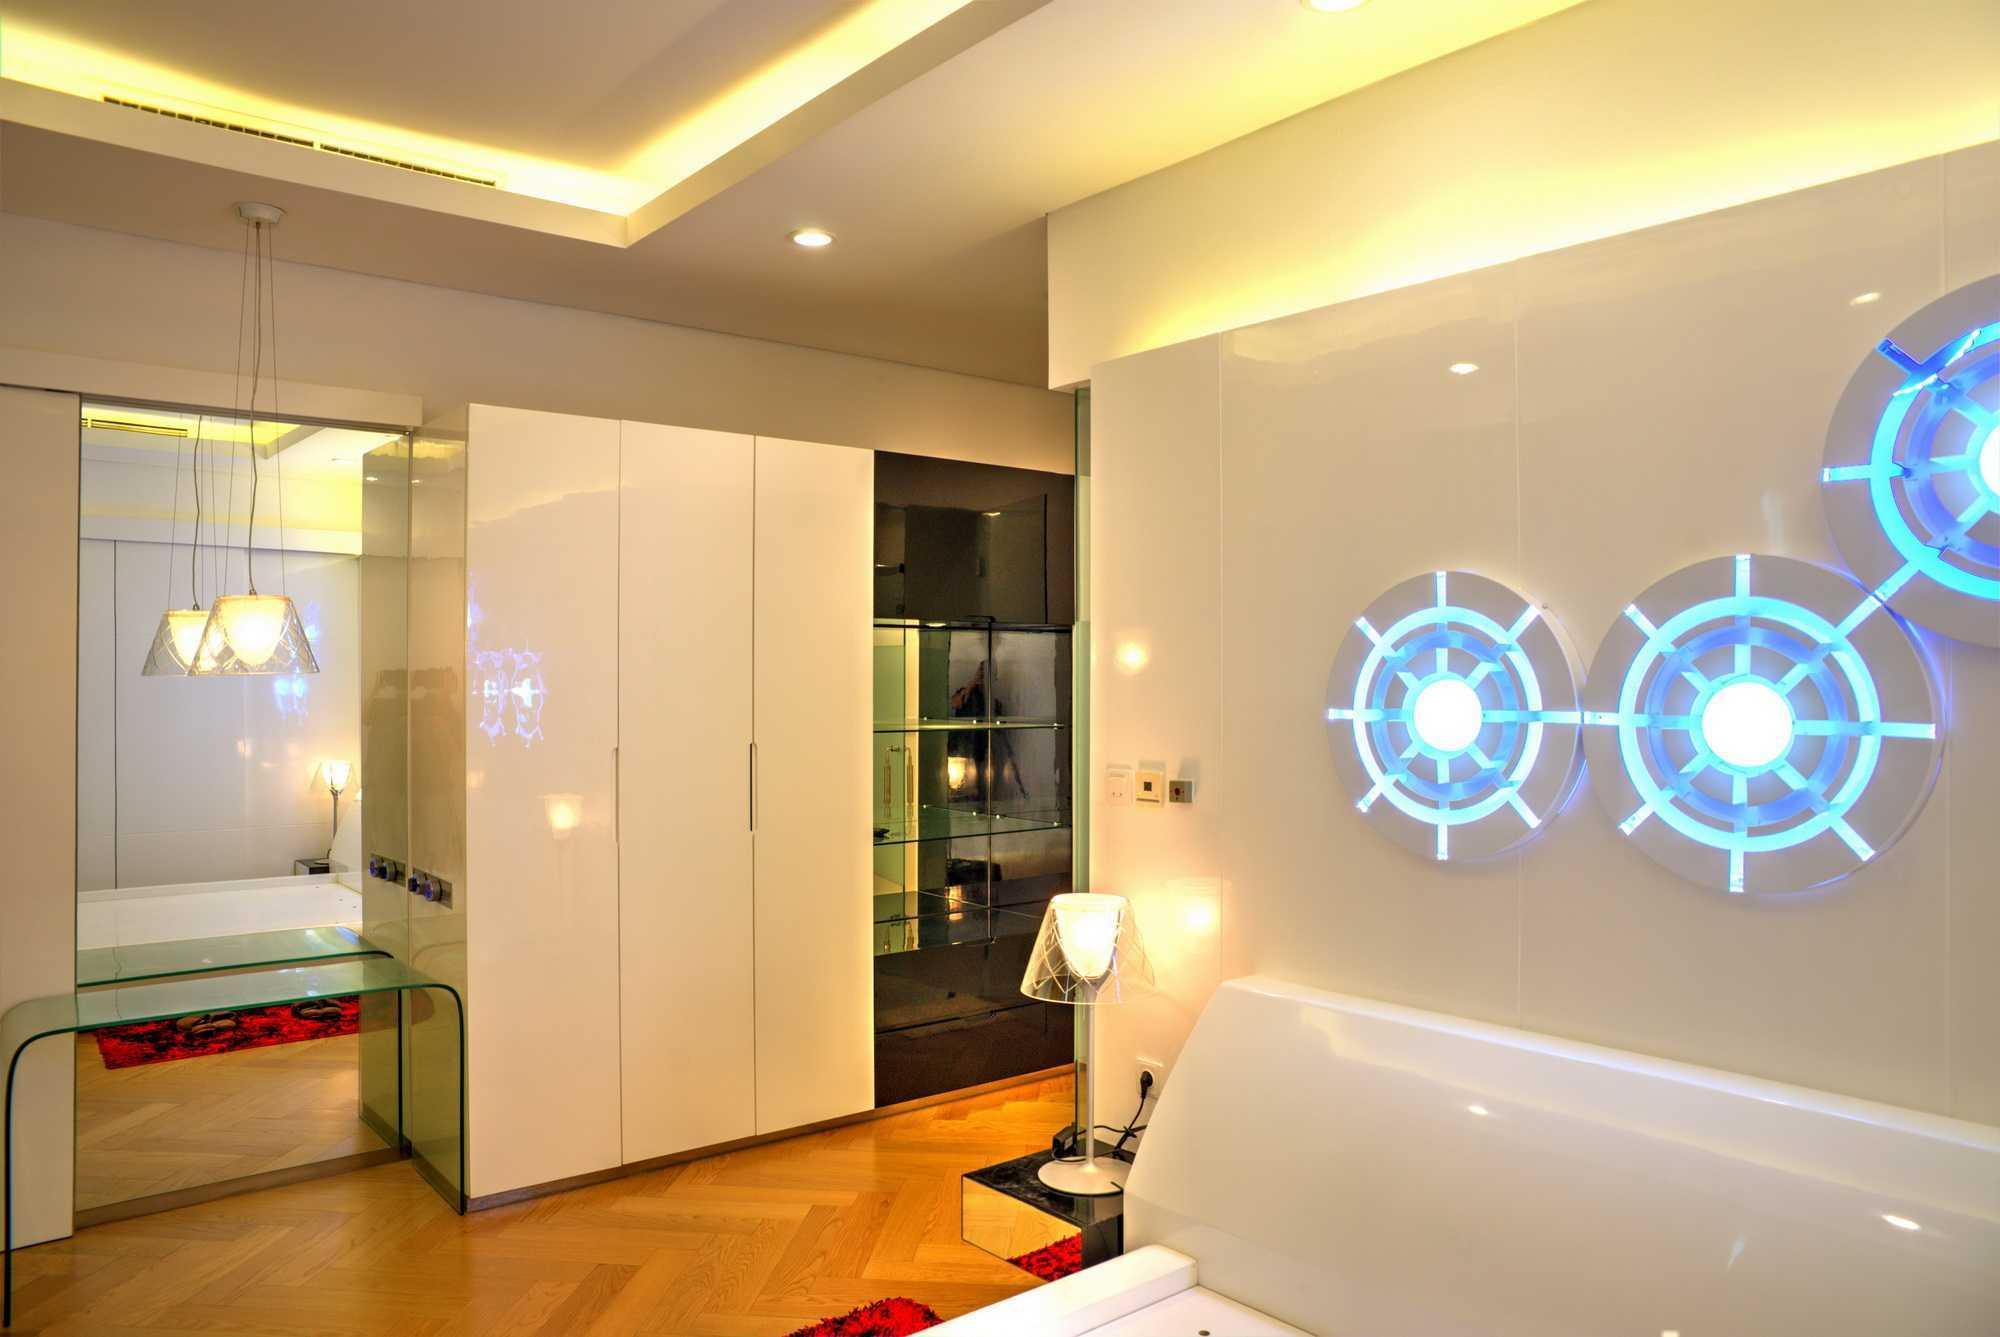 Meili Darmasetiawan Belleza Apartment Versailles Apartment Belleza Permata Hijau Jakarta Apartment Belleza Permata Hijau Jakarta 14-Kecil- Modern  12822